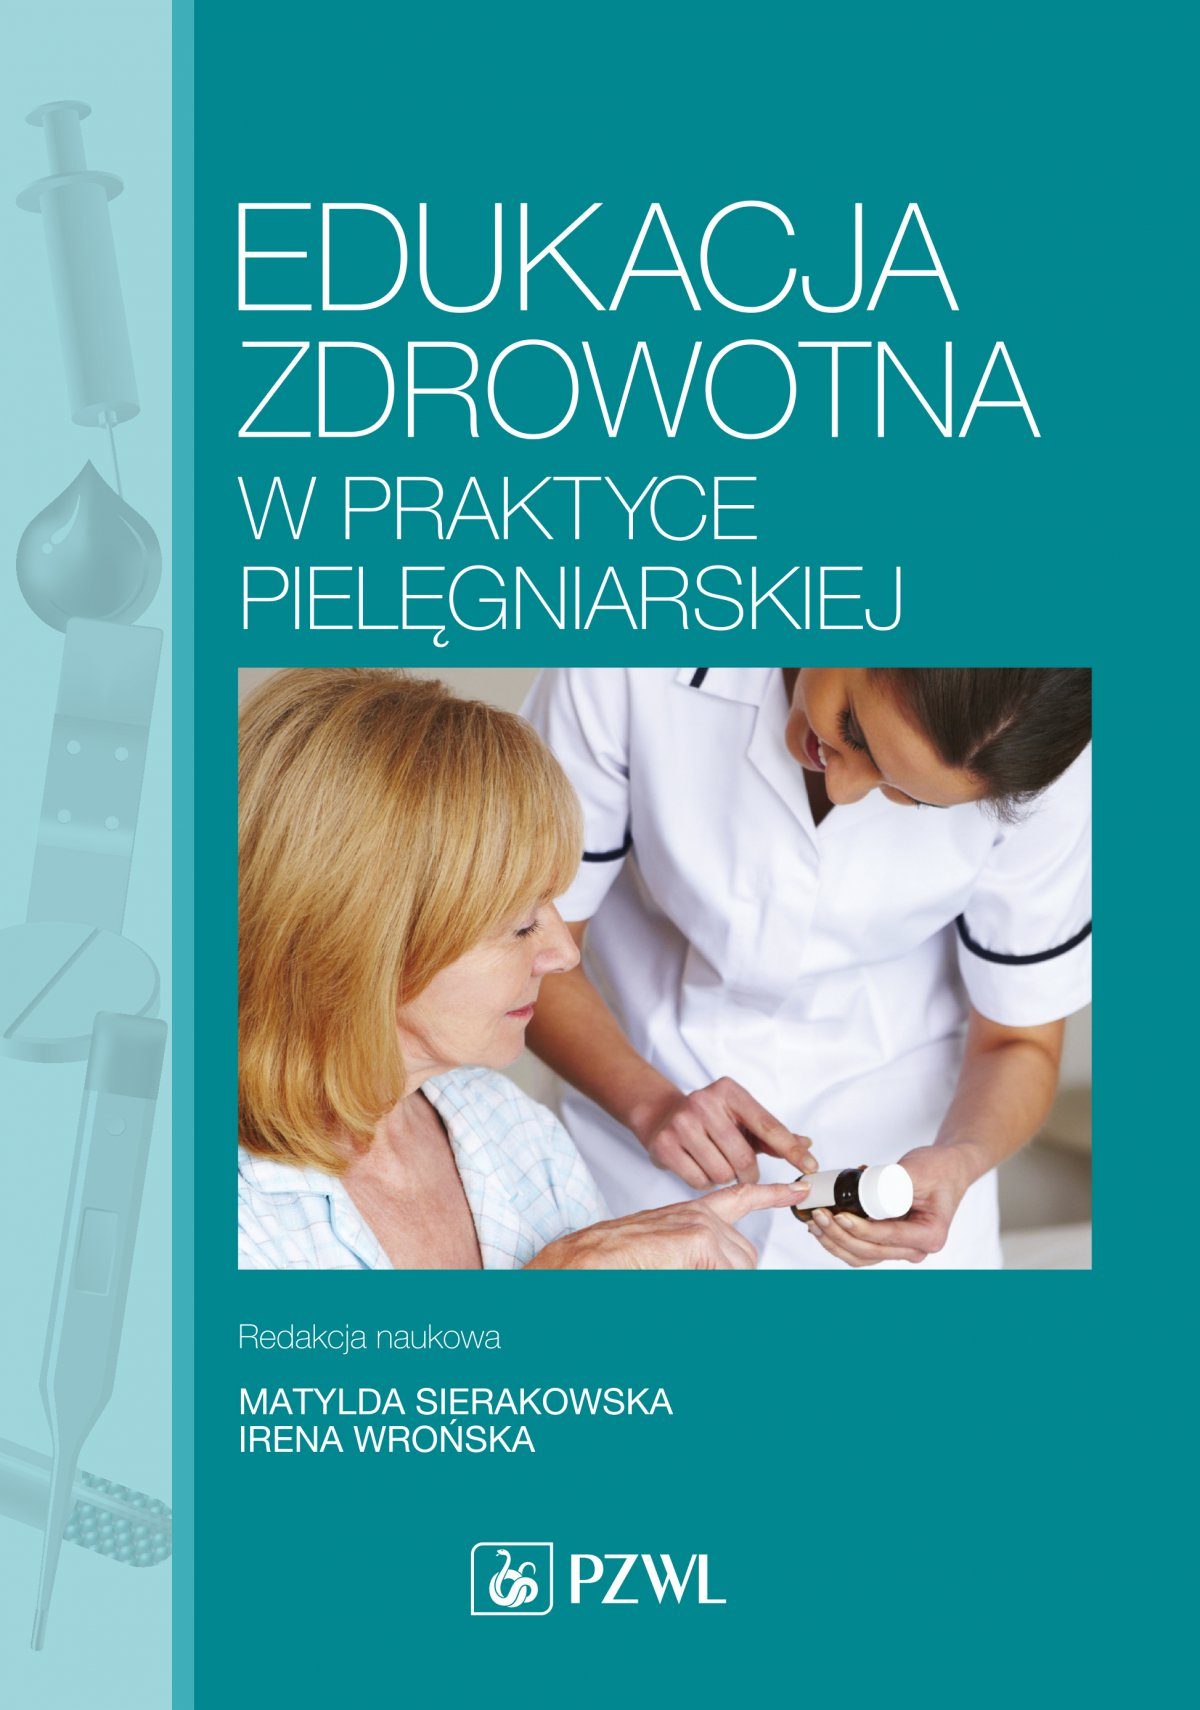 Edukacja zdrowotna w praktyce pielęgniarskiej - Ebook (Książka EPUB) do pobrania w formacie EPUB